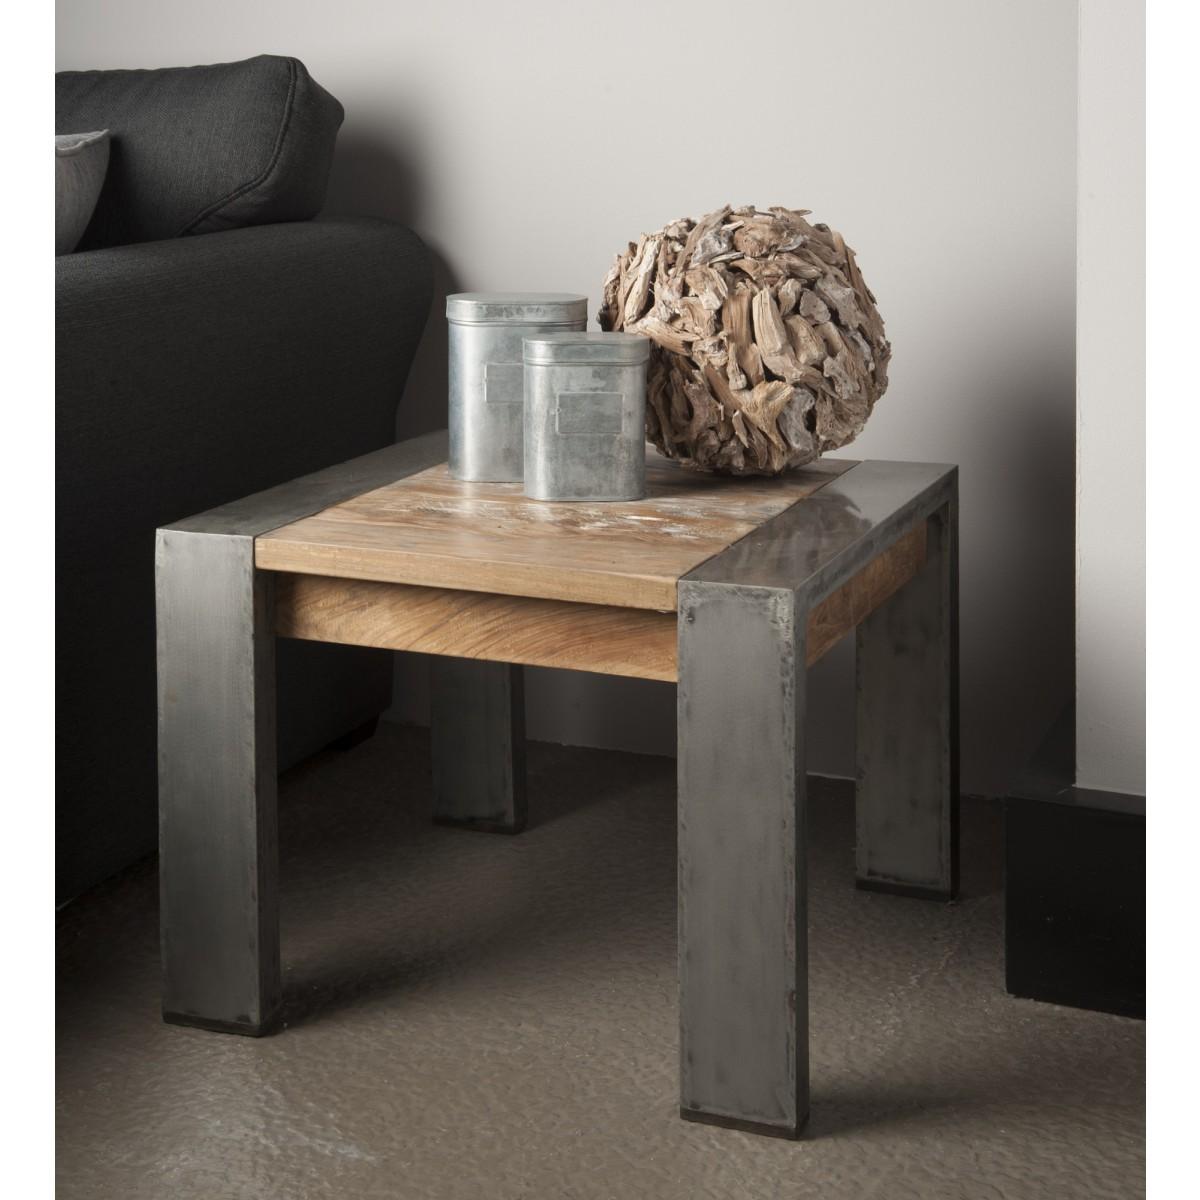 hoektafel-novara-recycled-teakhout-metalen-poot-industrieel-robuust-vierkant-60x60cm